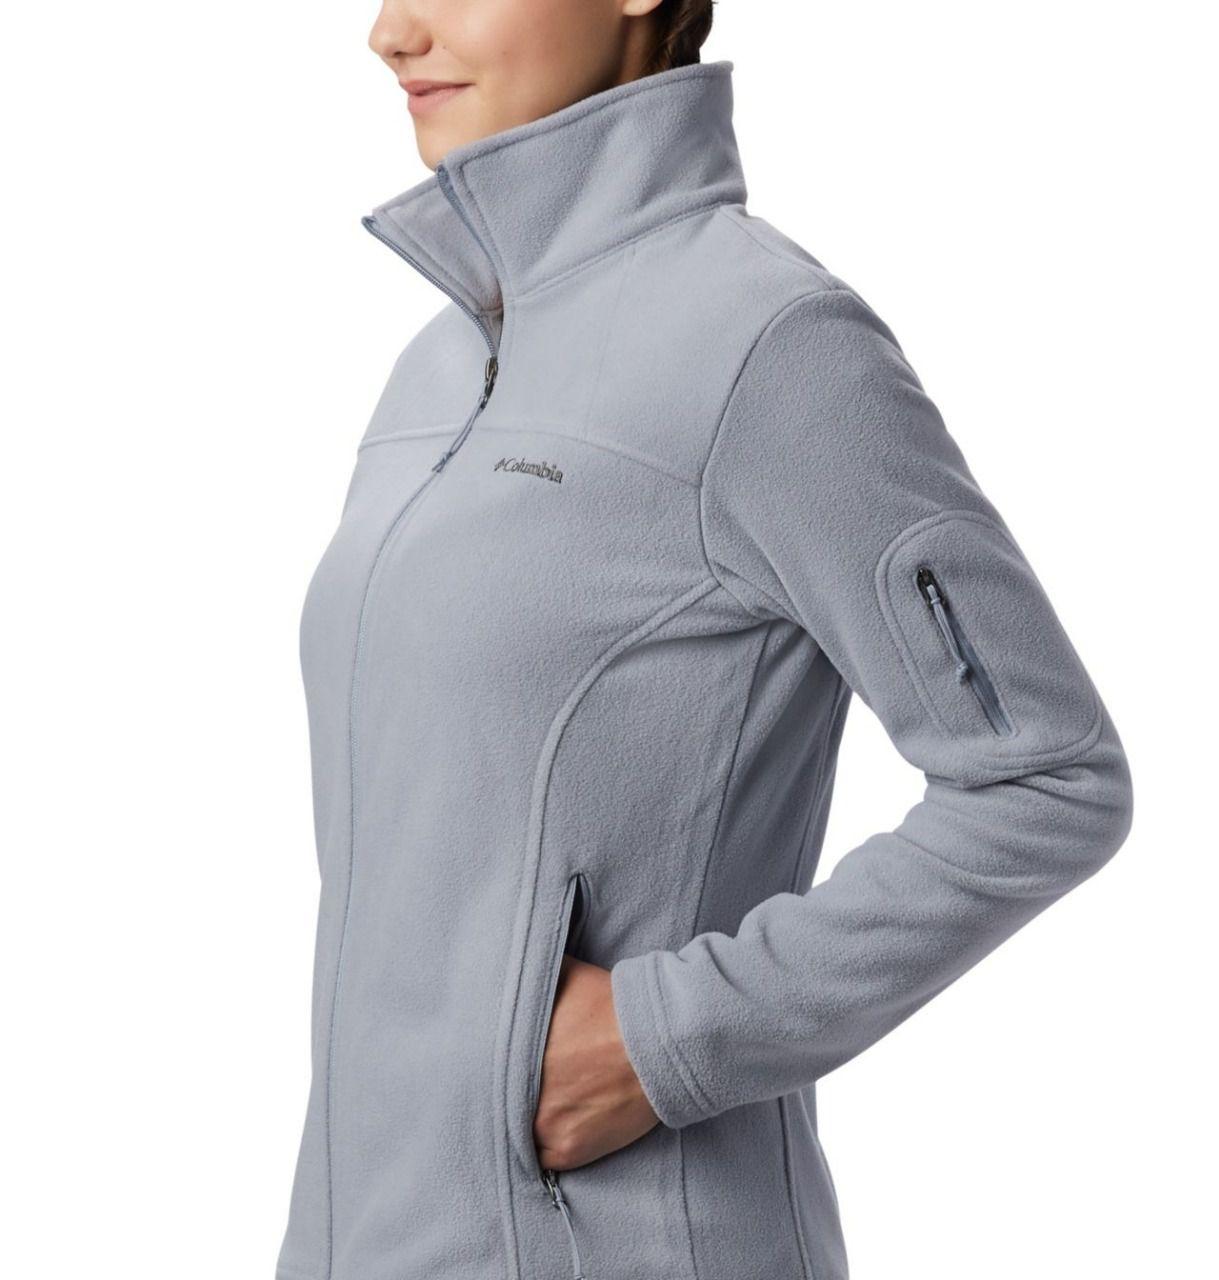 Jaqueta Fast Trek II Fleece Feminina Columbia Tradewinds Grey